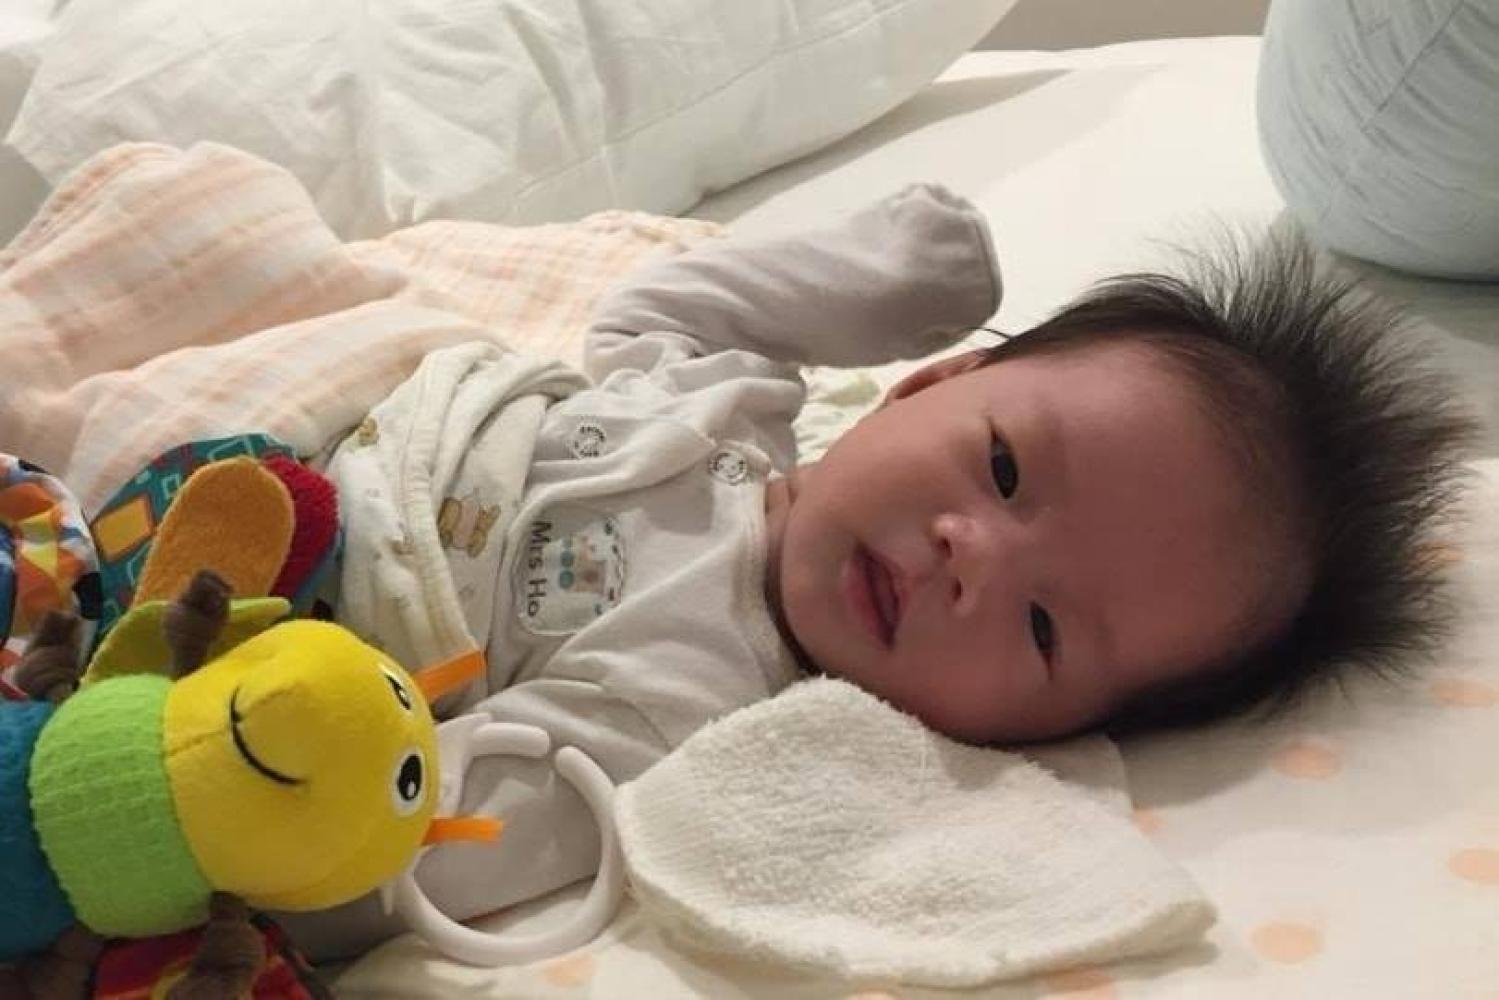 蒲种中医治疗男女不孕症- Fertility Centre Puchong